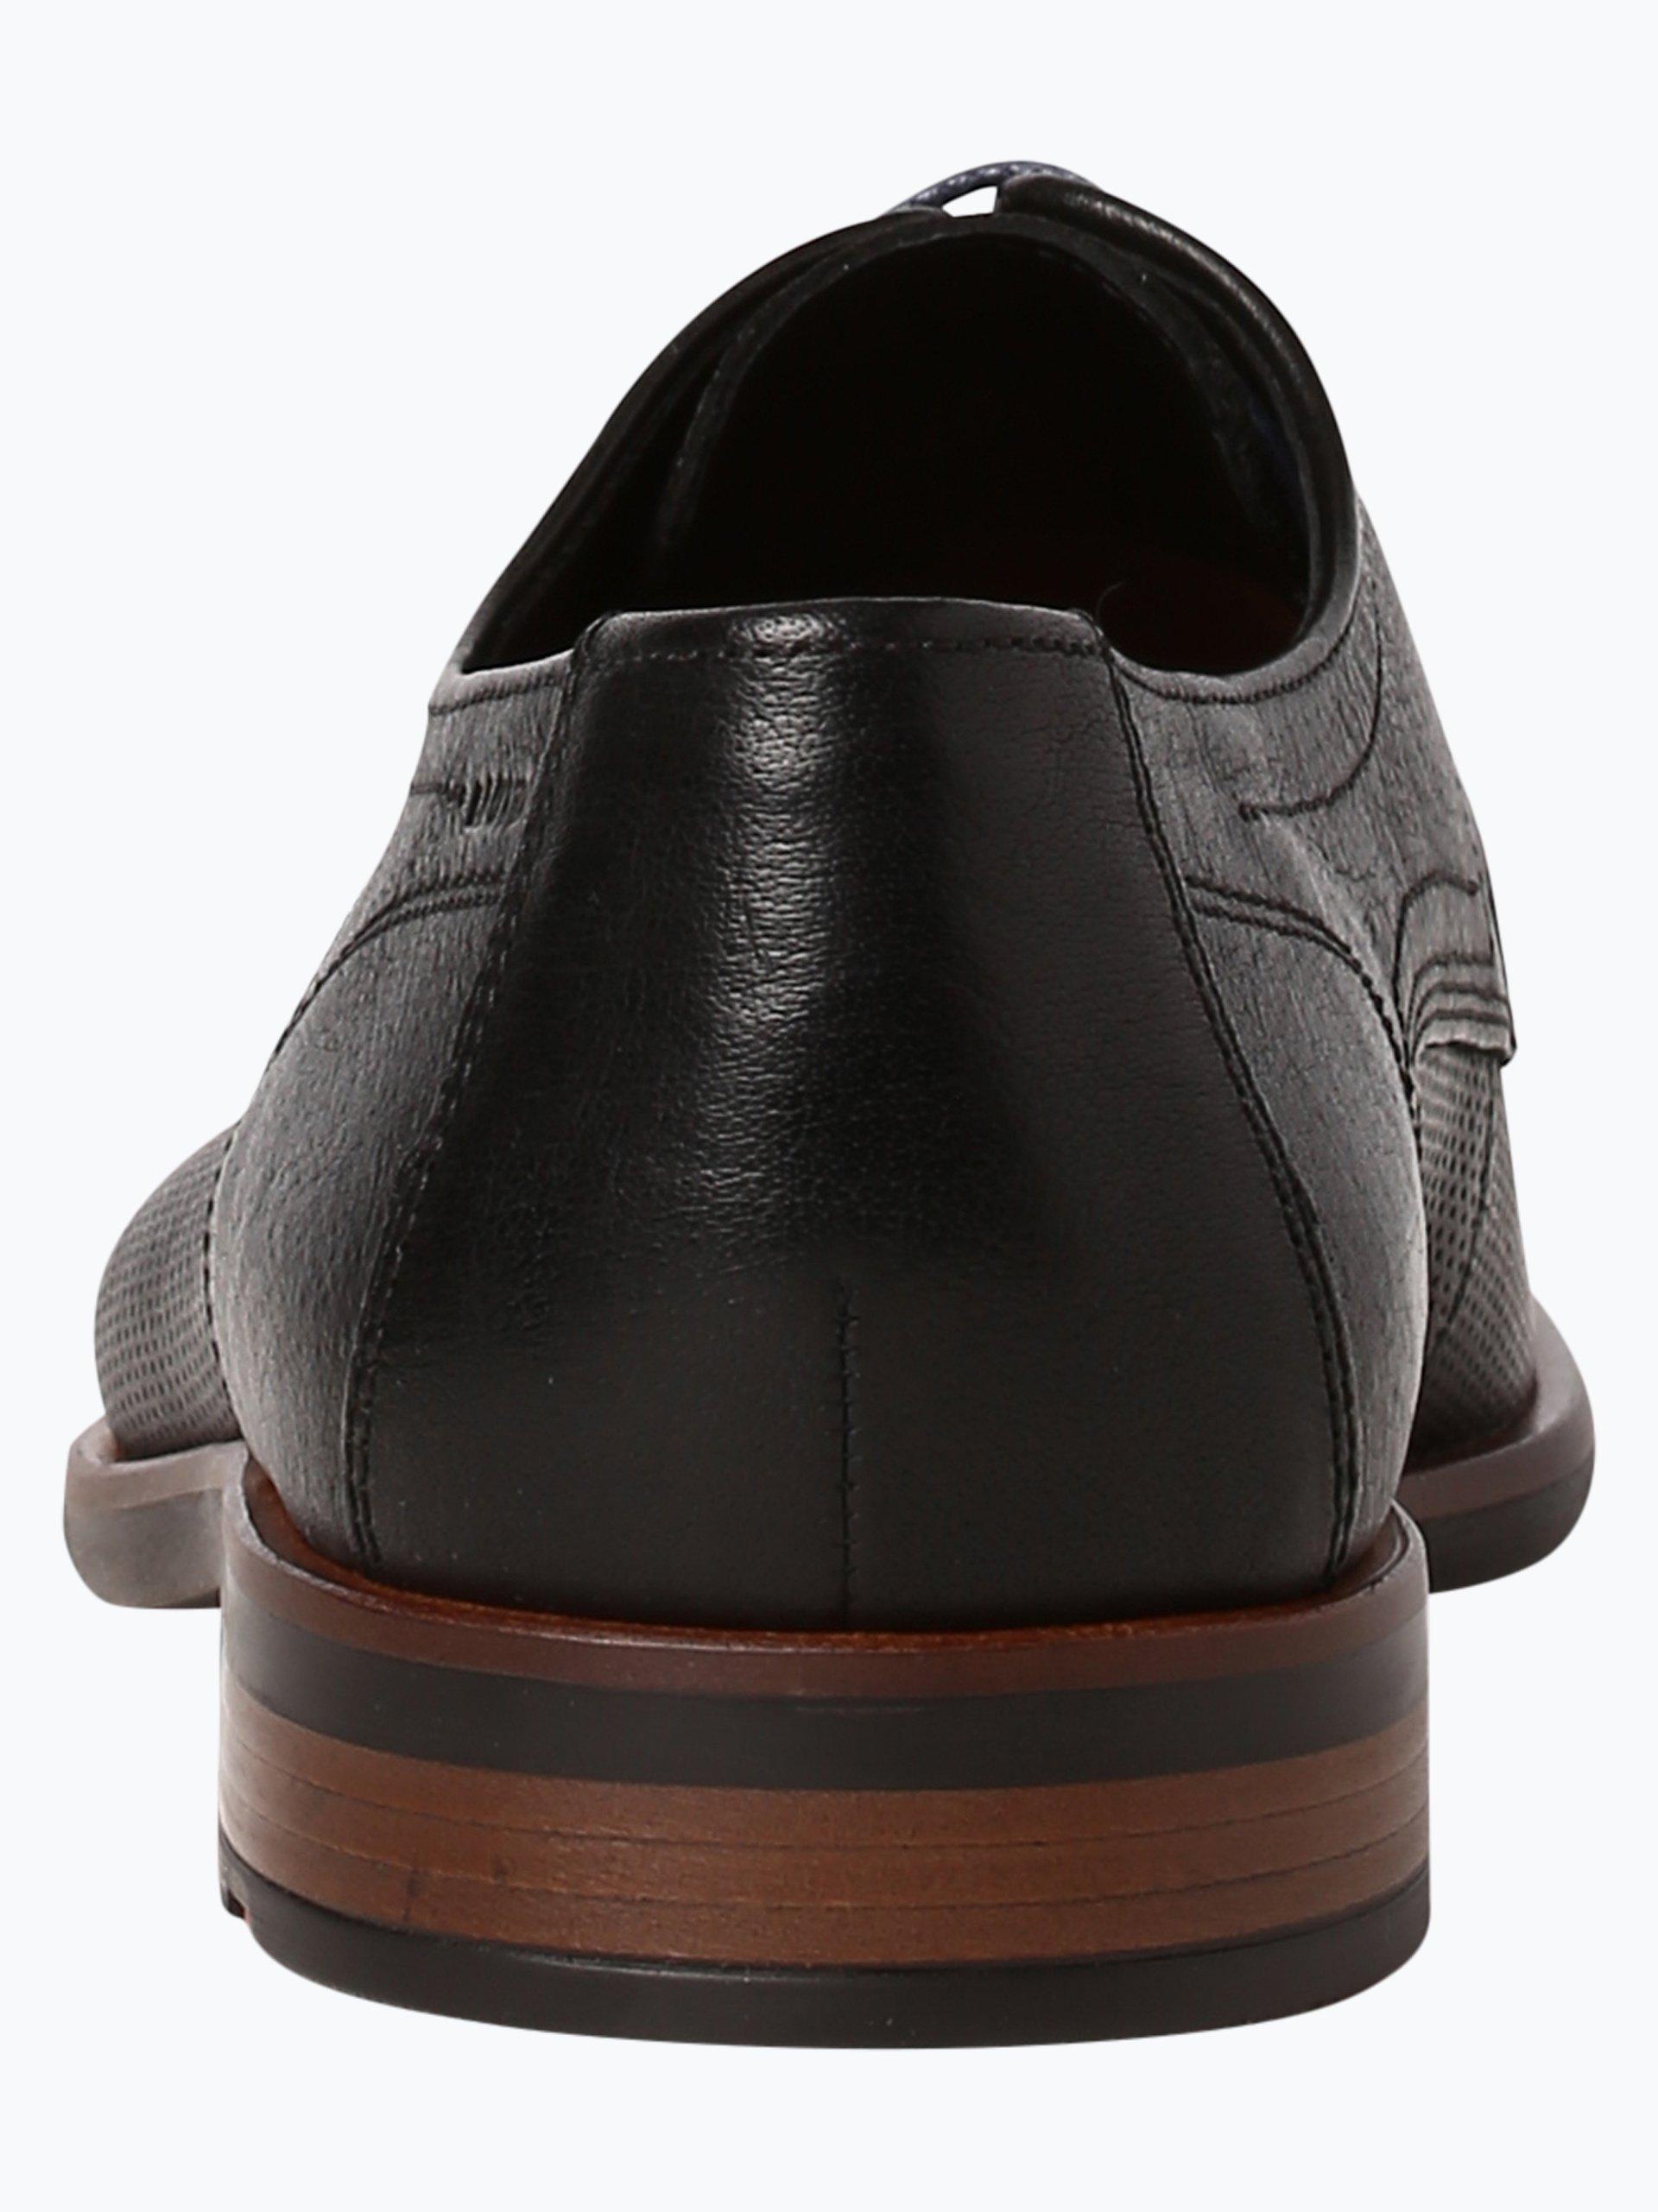 Lloyd Męskie buty sznurowane ze skóry – Drayton